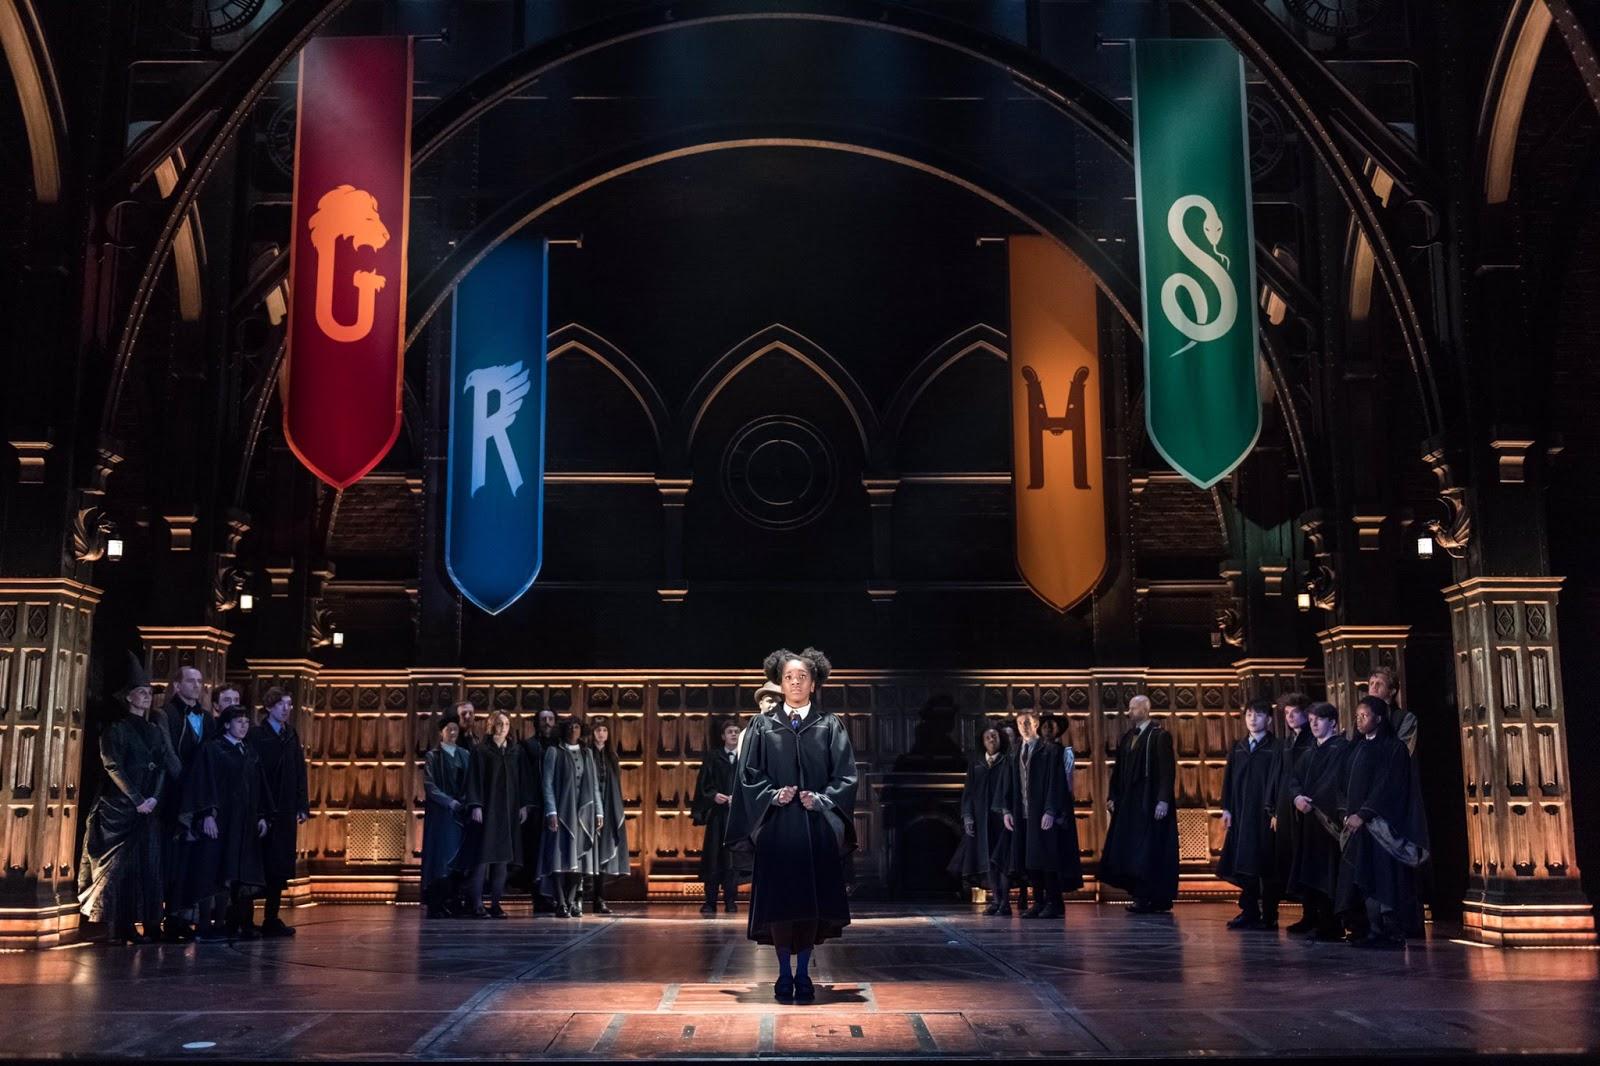 cytaty, fragment, Harry Potter and the Cursed Child, Harry Potter i przeklęte dziecko, książki, ósma część, premiera, recenzja, sztuka, na scenie, londyn, teatr